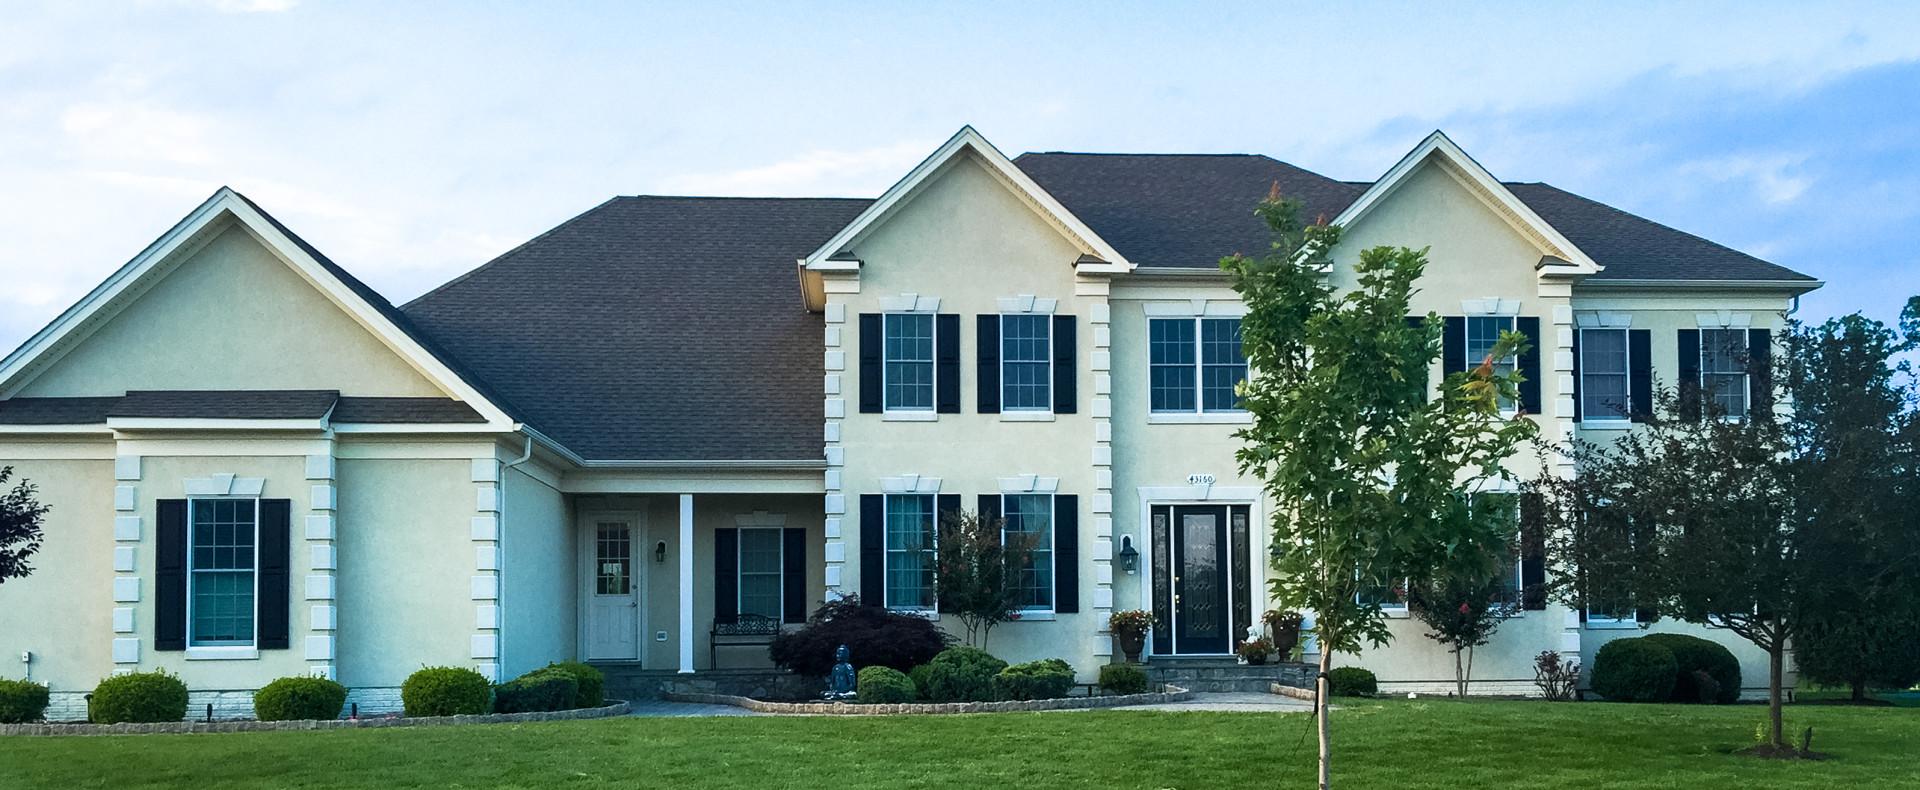 homes for rent in Ashburn VA